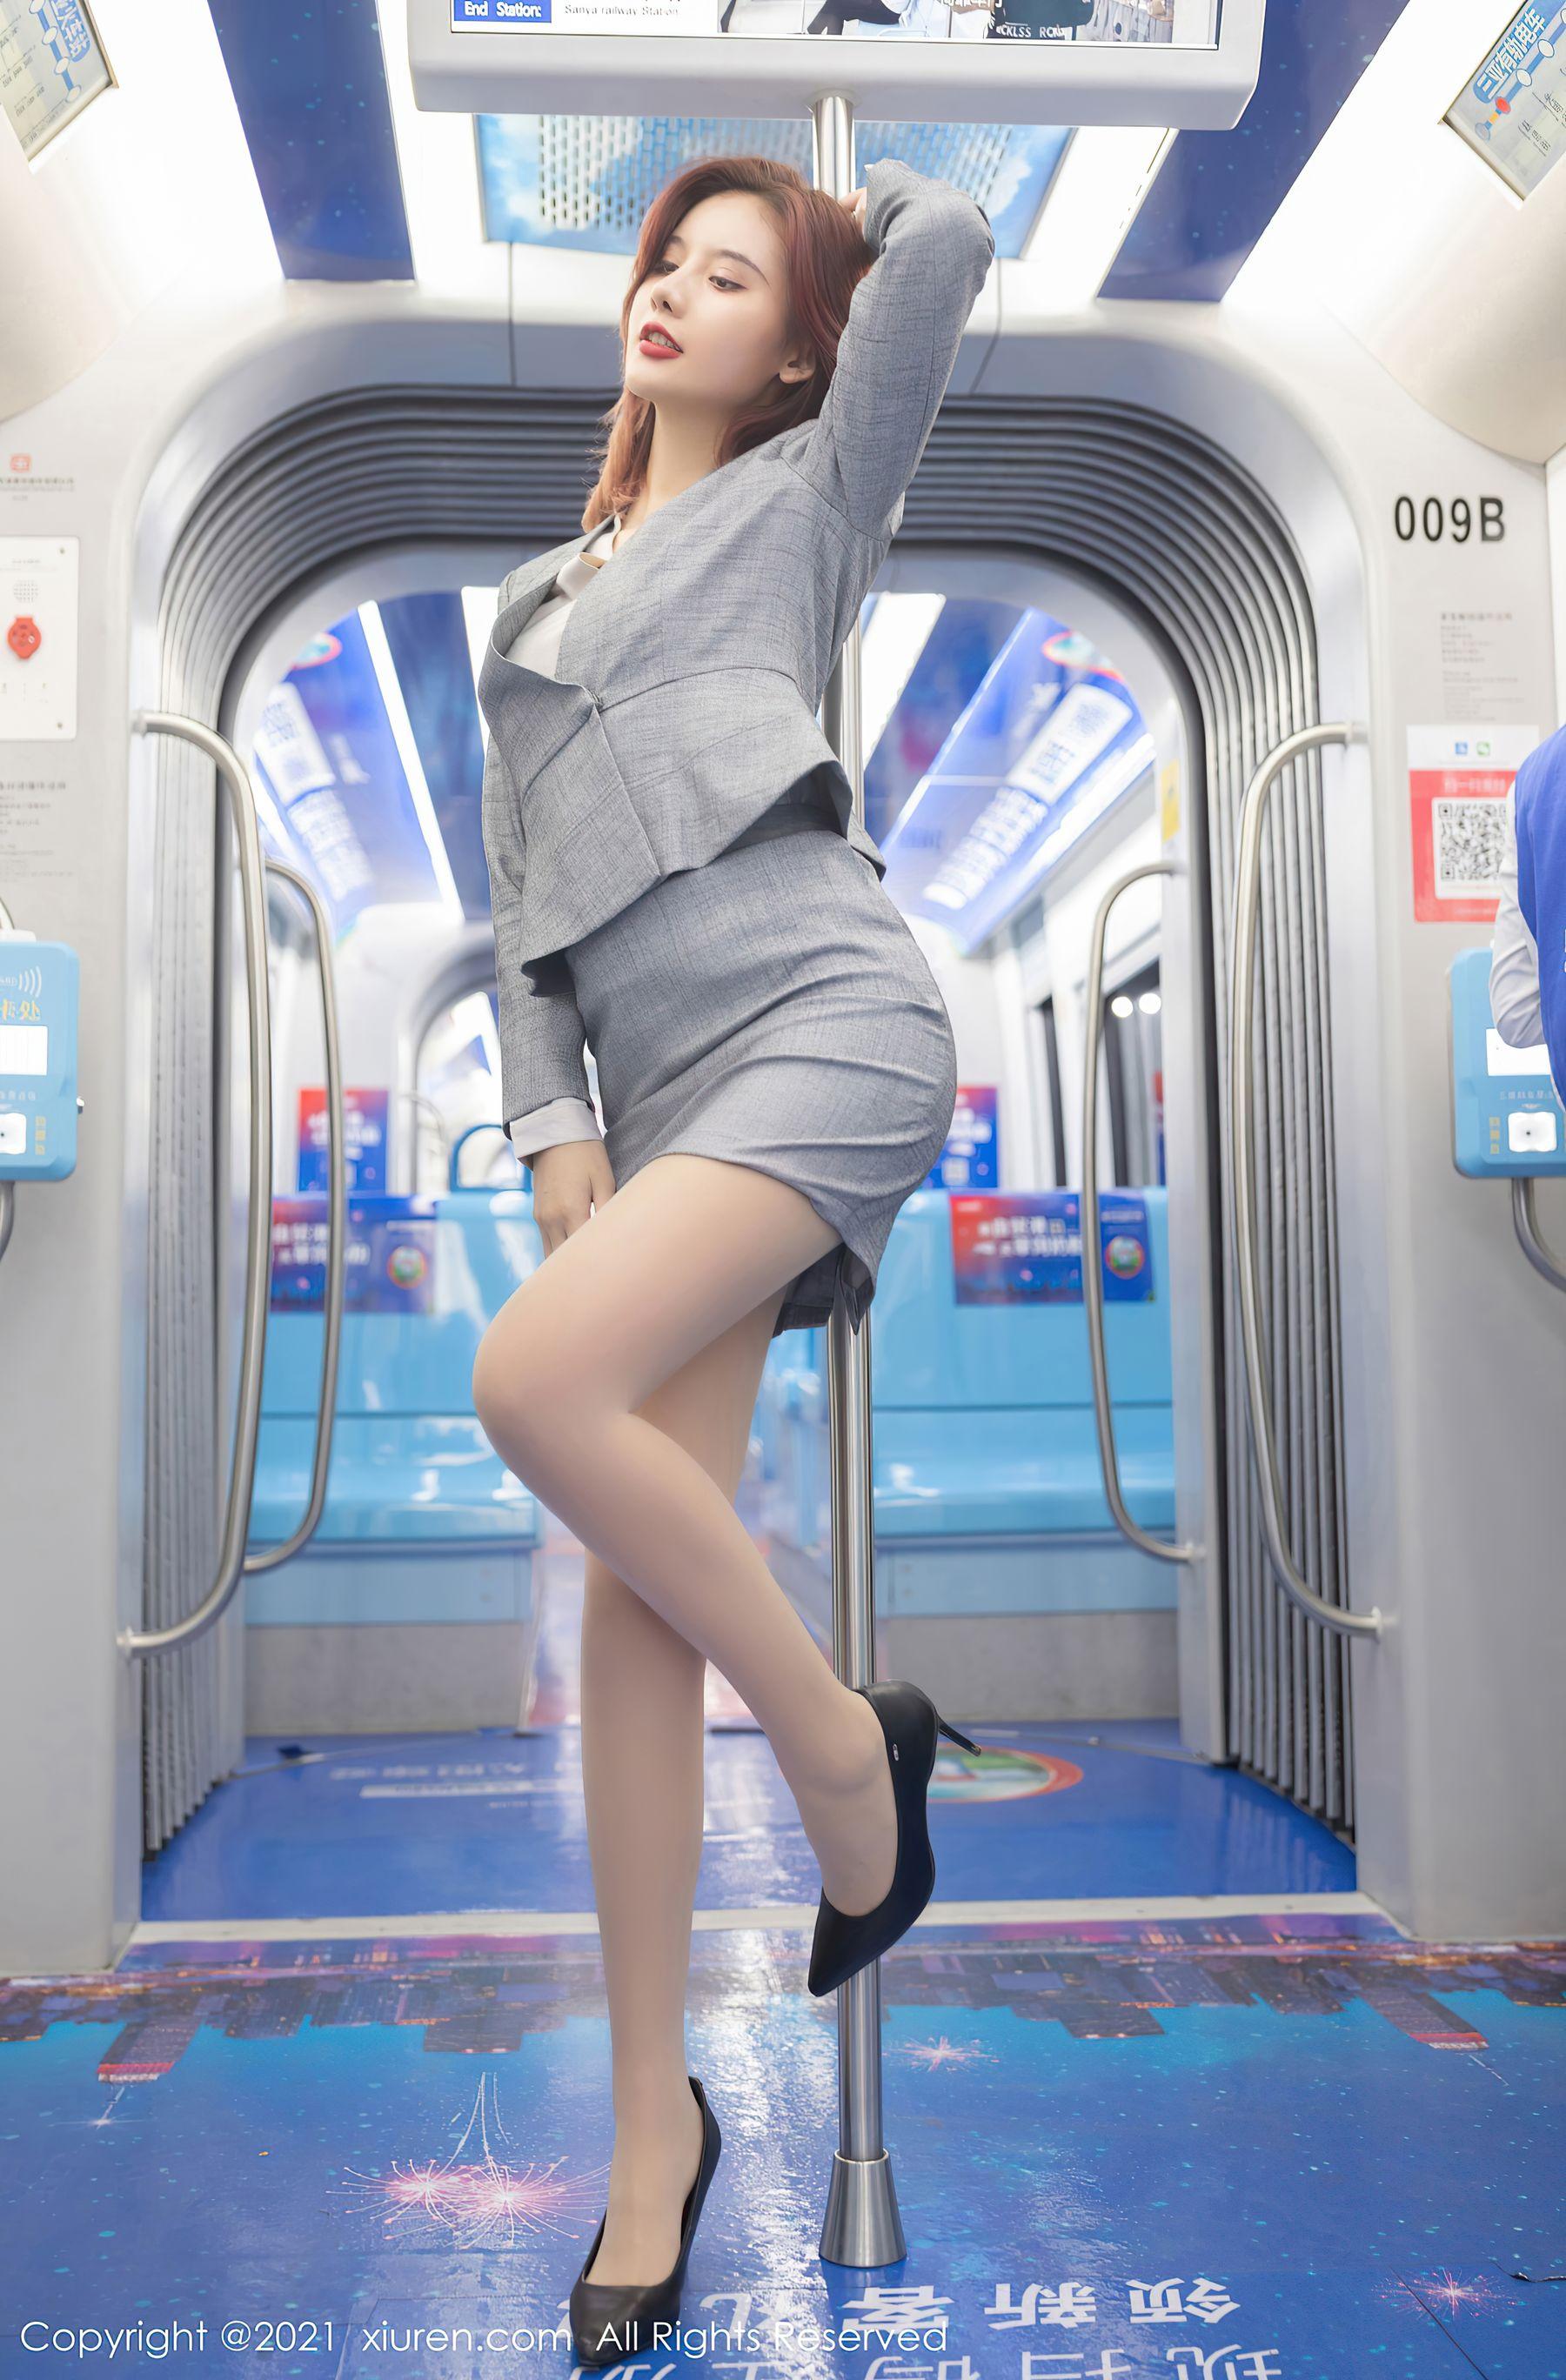 VOL.108 [秀人网]福利丝袜诱惑丝袜制服:阿朱(就是阿朱啊)超高清写真套图(66P)